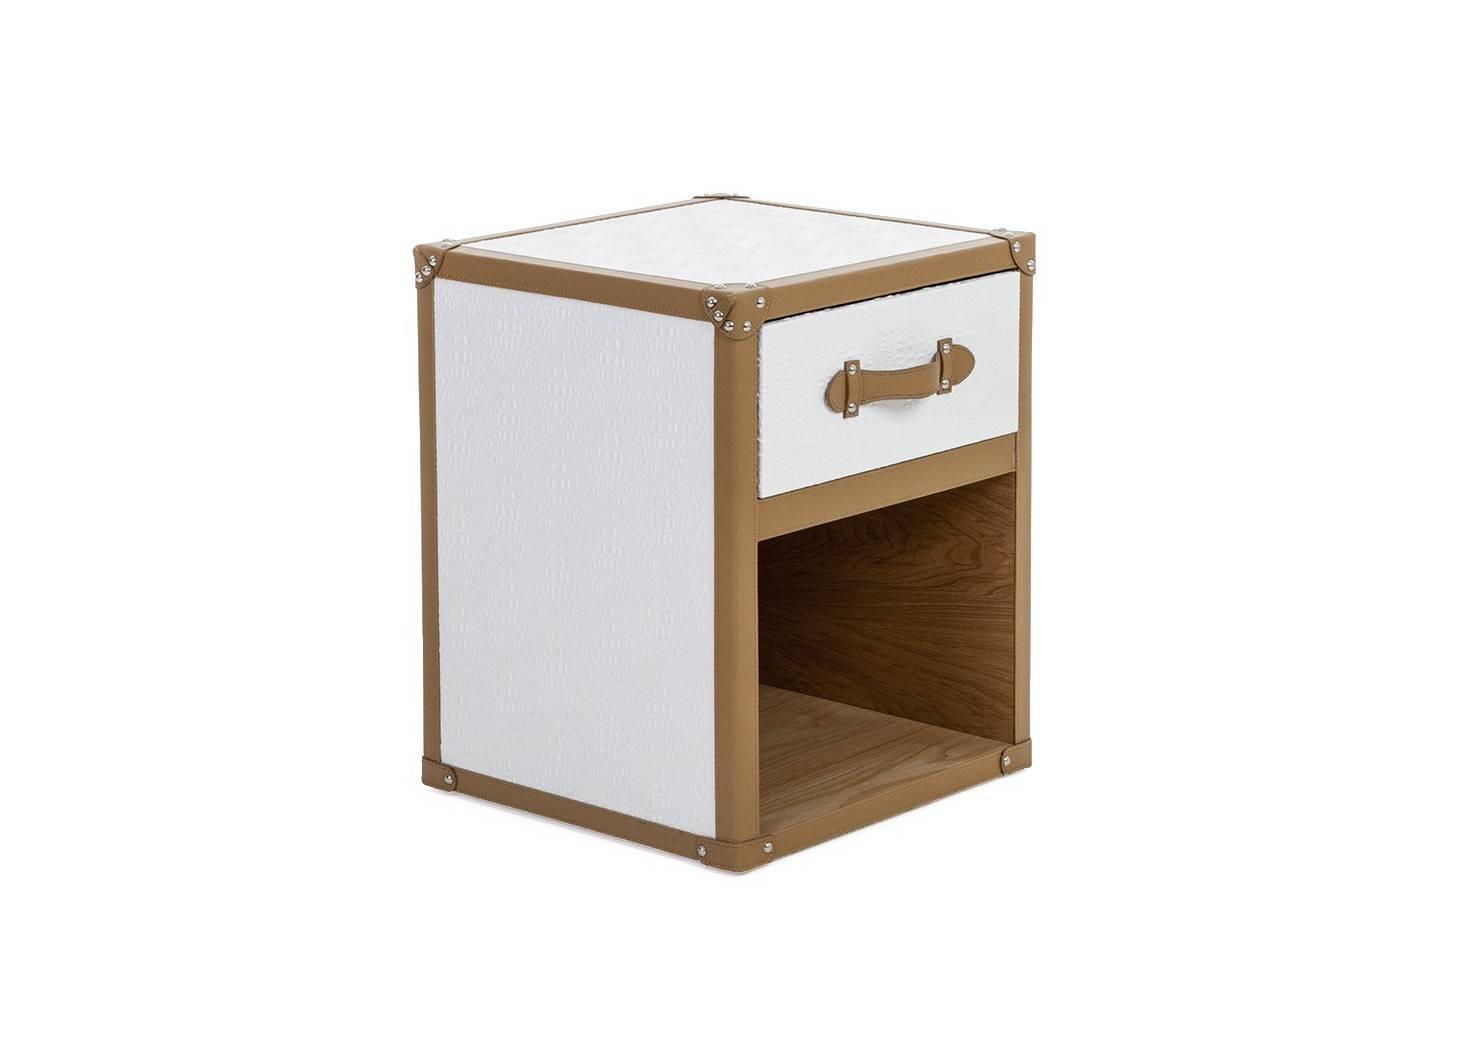 Table de chevet Cap Horn - 1 tiroir - Simili cuir croco blanc